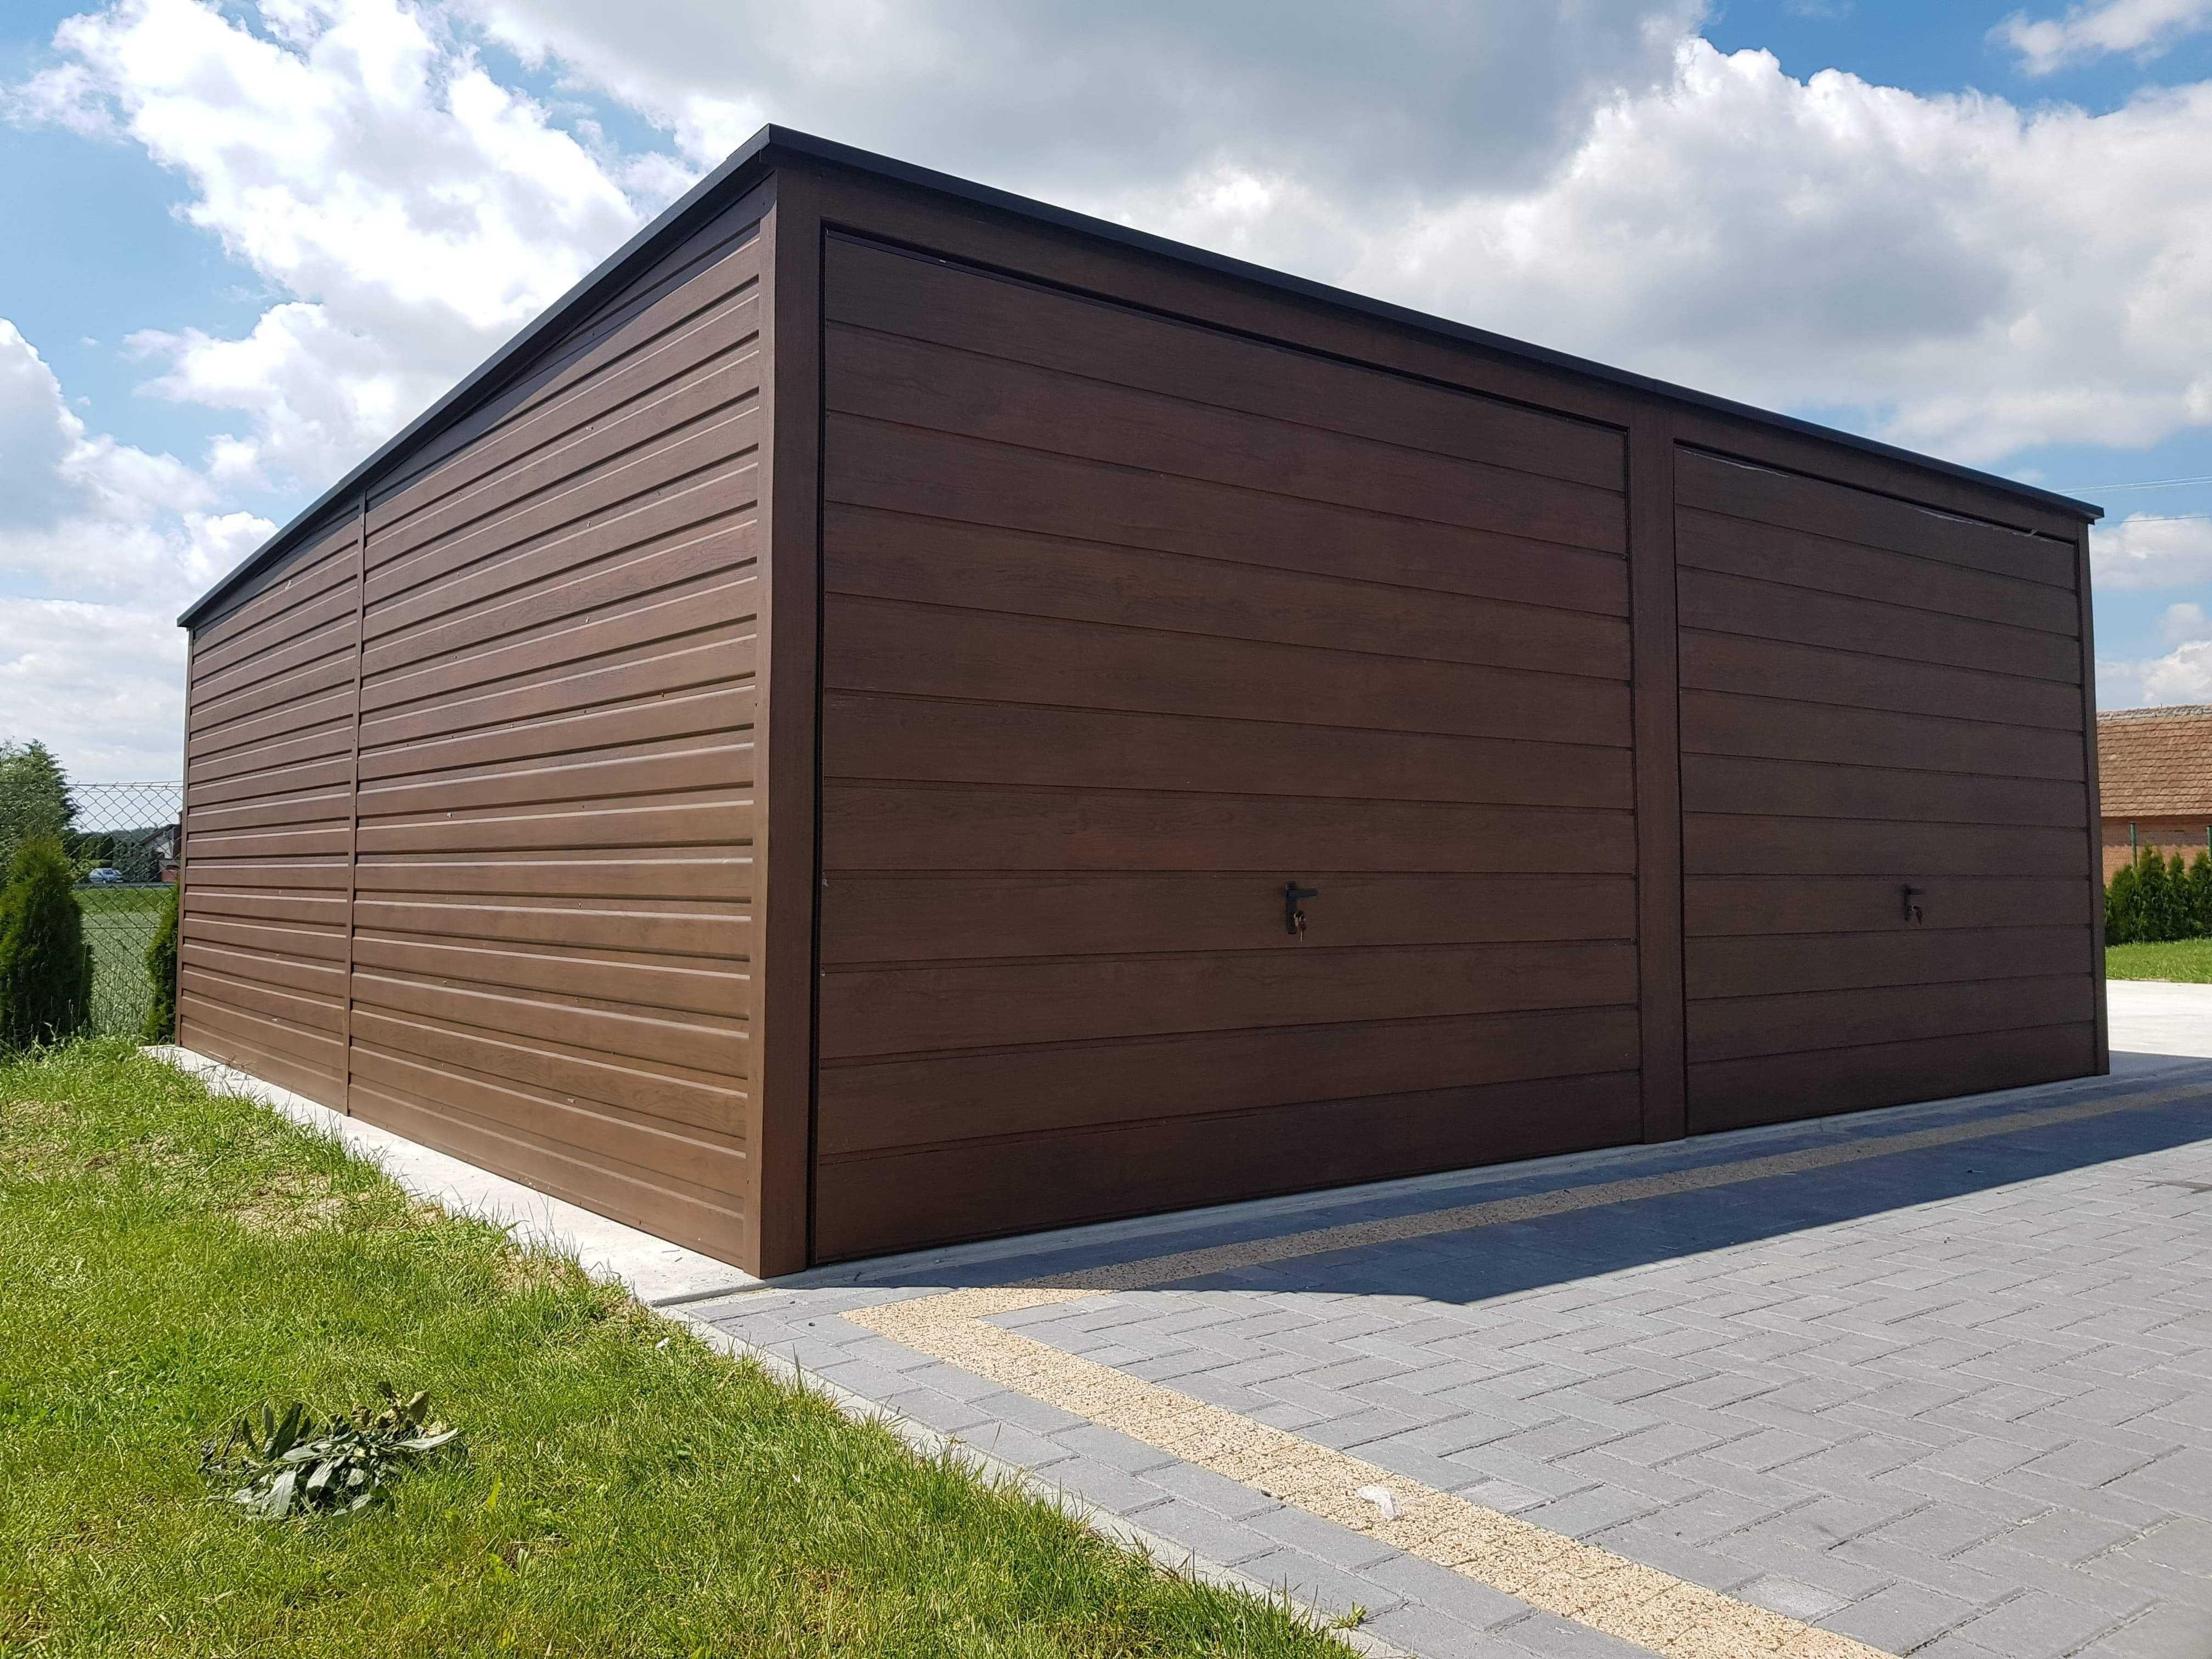 Drewnopodobny Garaż Garaże Tuchola Grudziądz Producent